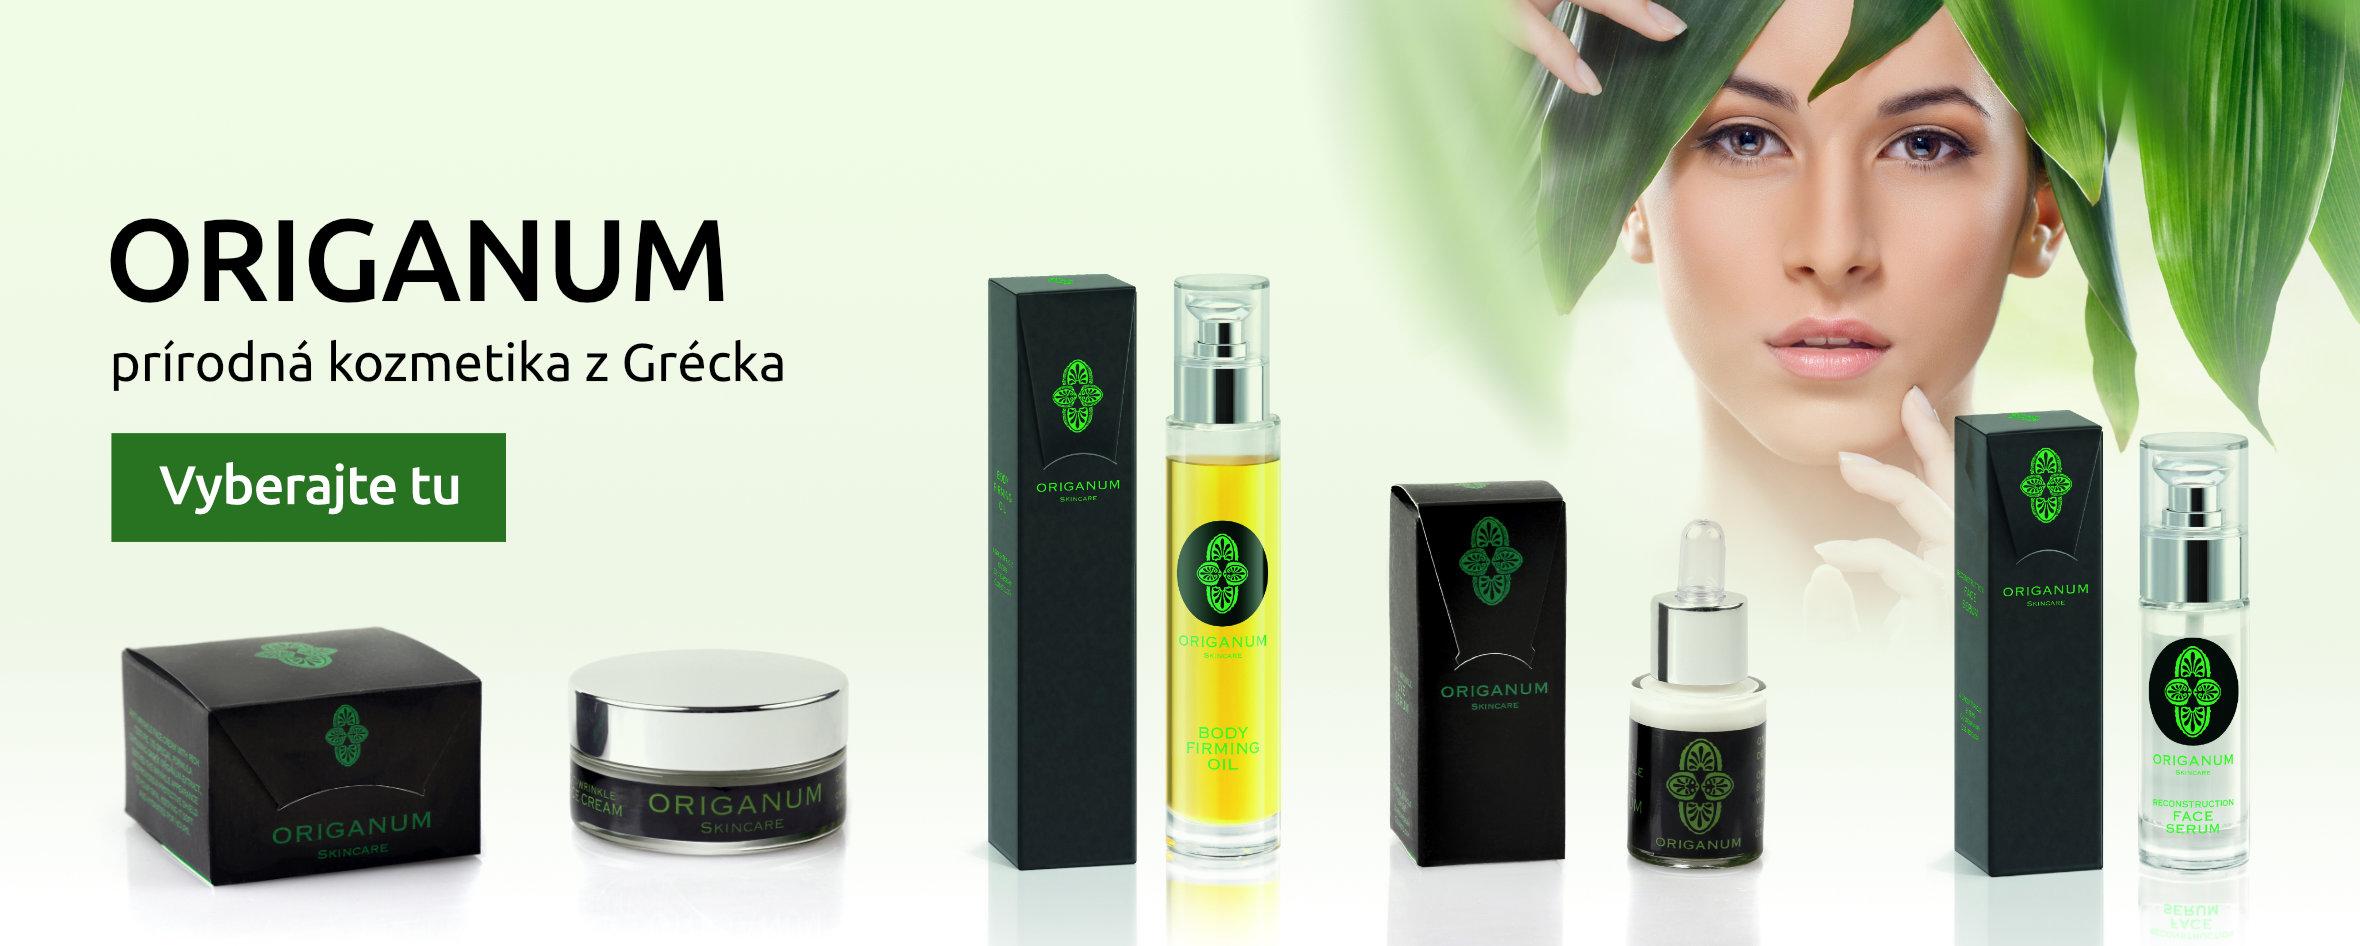 Origanum prírodná kozmetika z Grécka